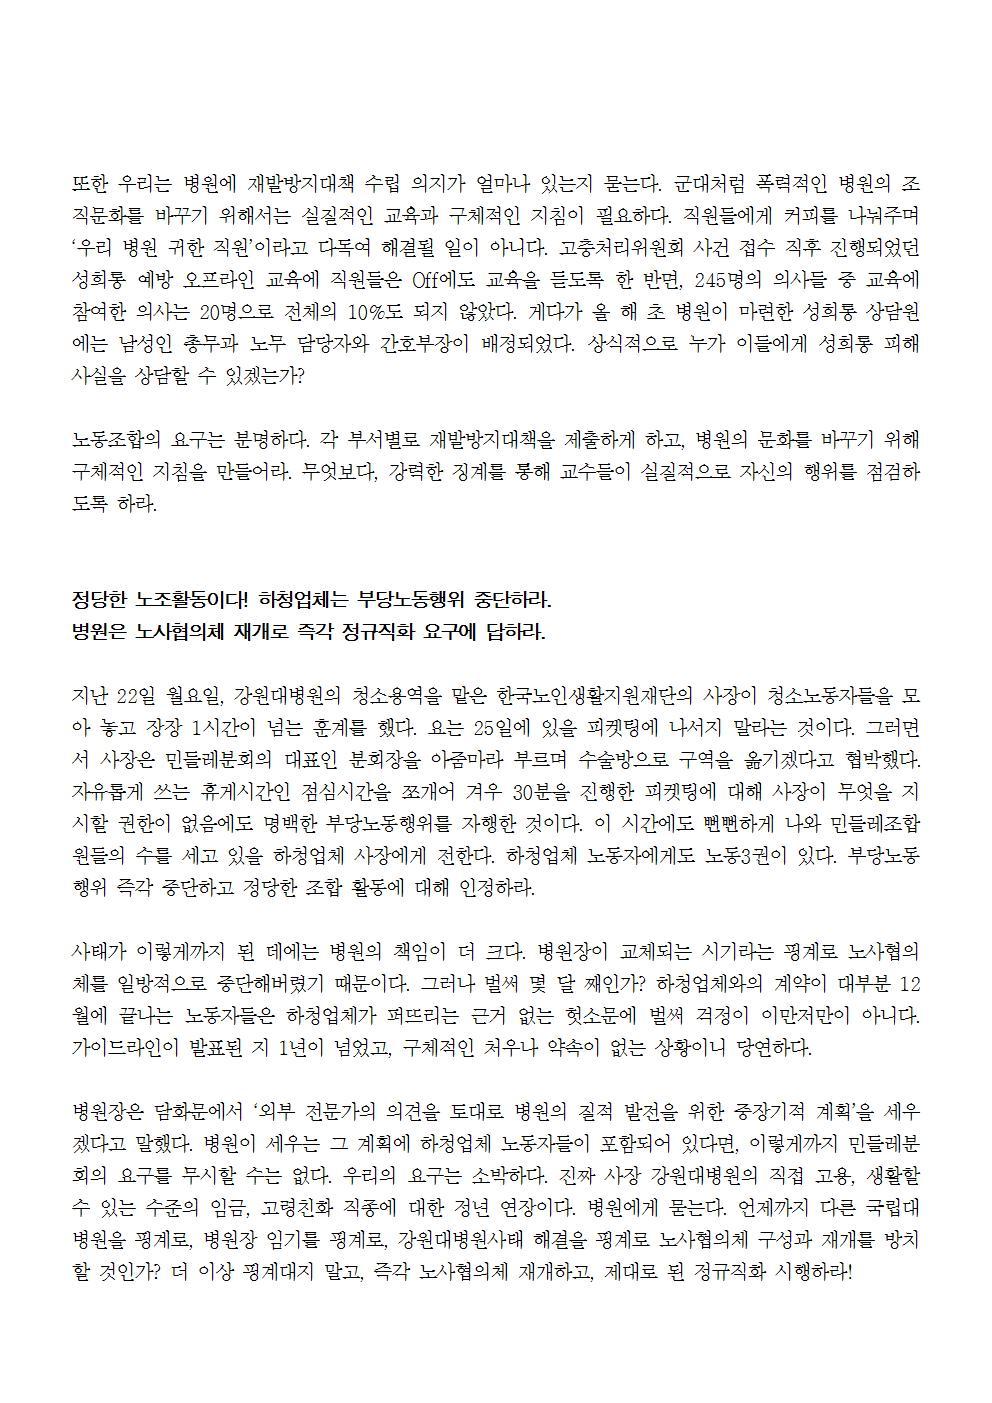 181025_[보도자료] 강원대병원장국정감사 원하청 공동기자회견005.jpg